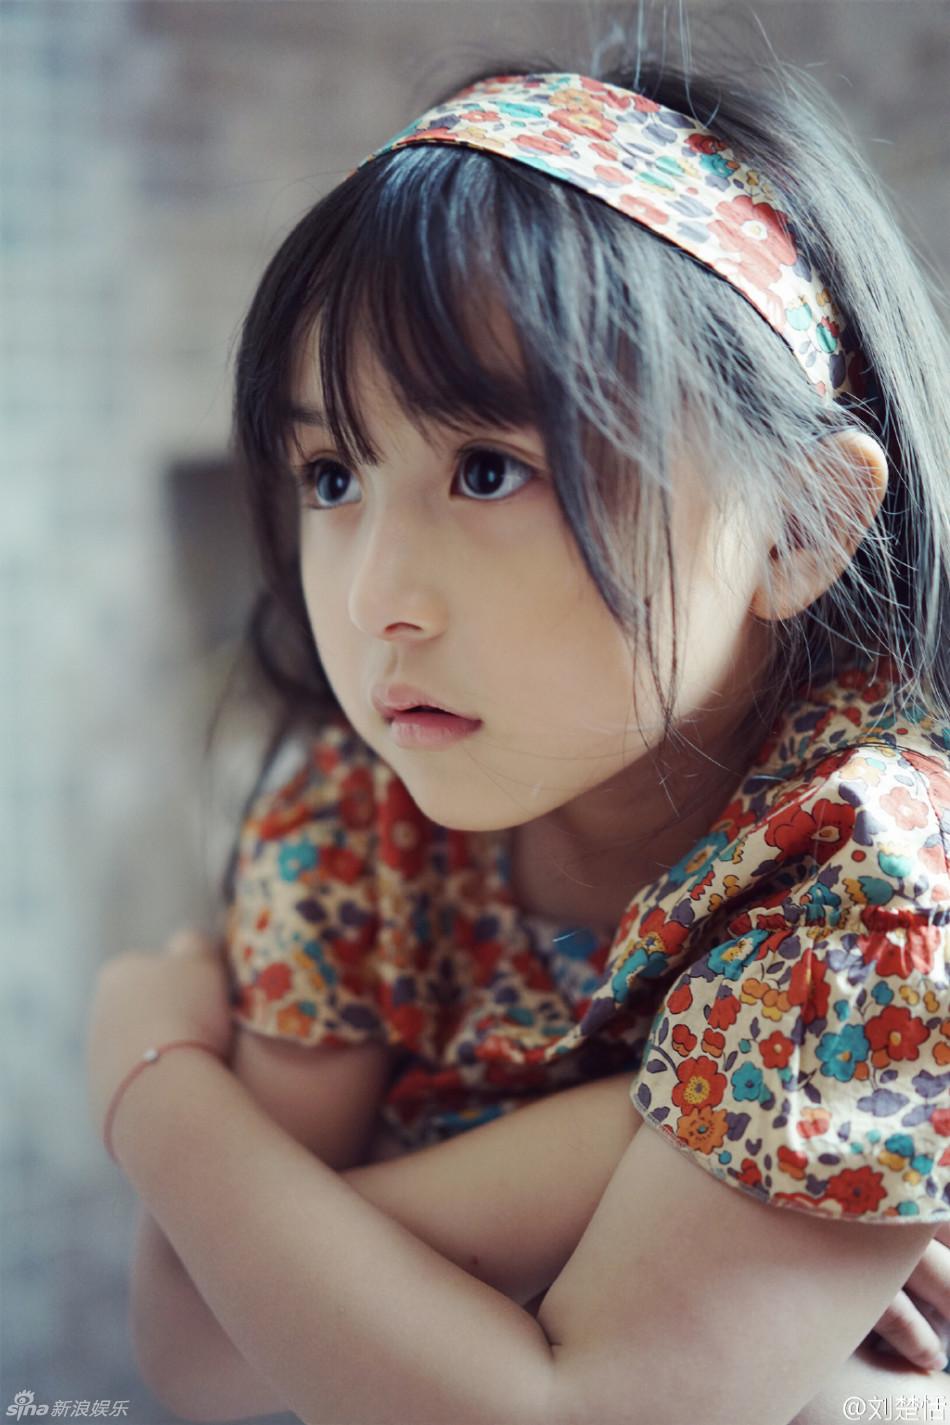 组图 小芈月刘楚恬生活照曝光 小萝莉萌翻网友